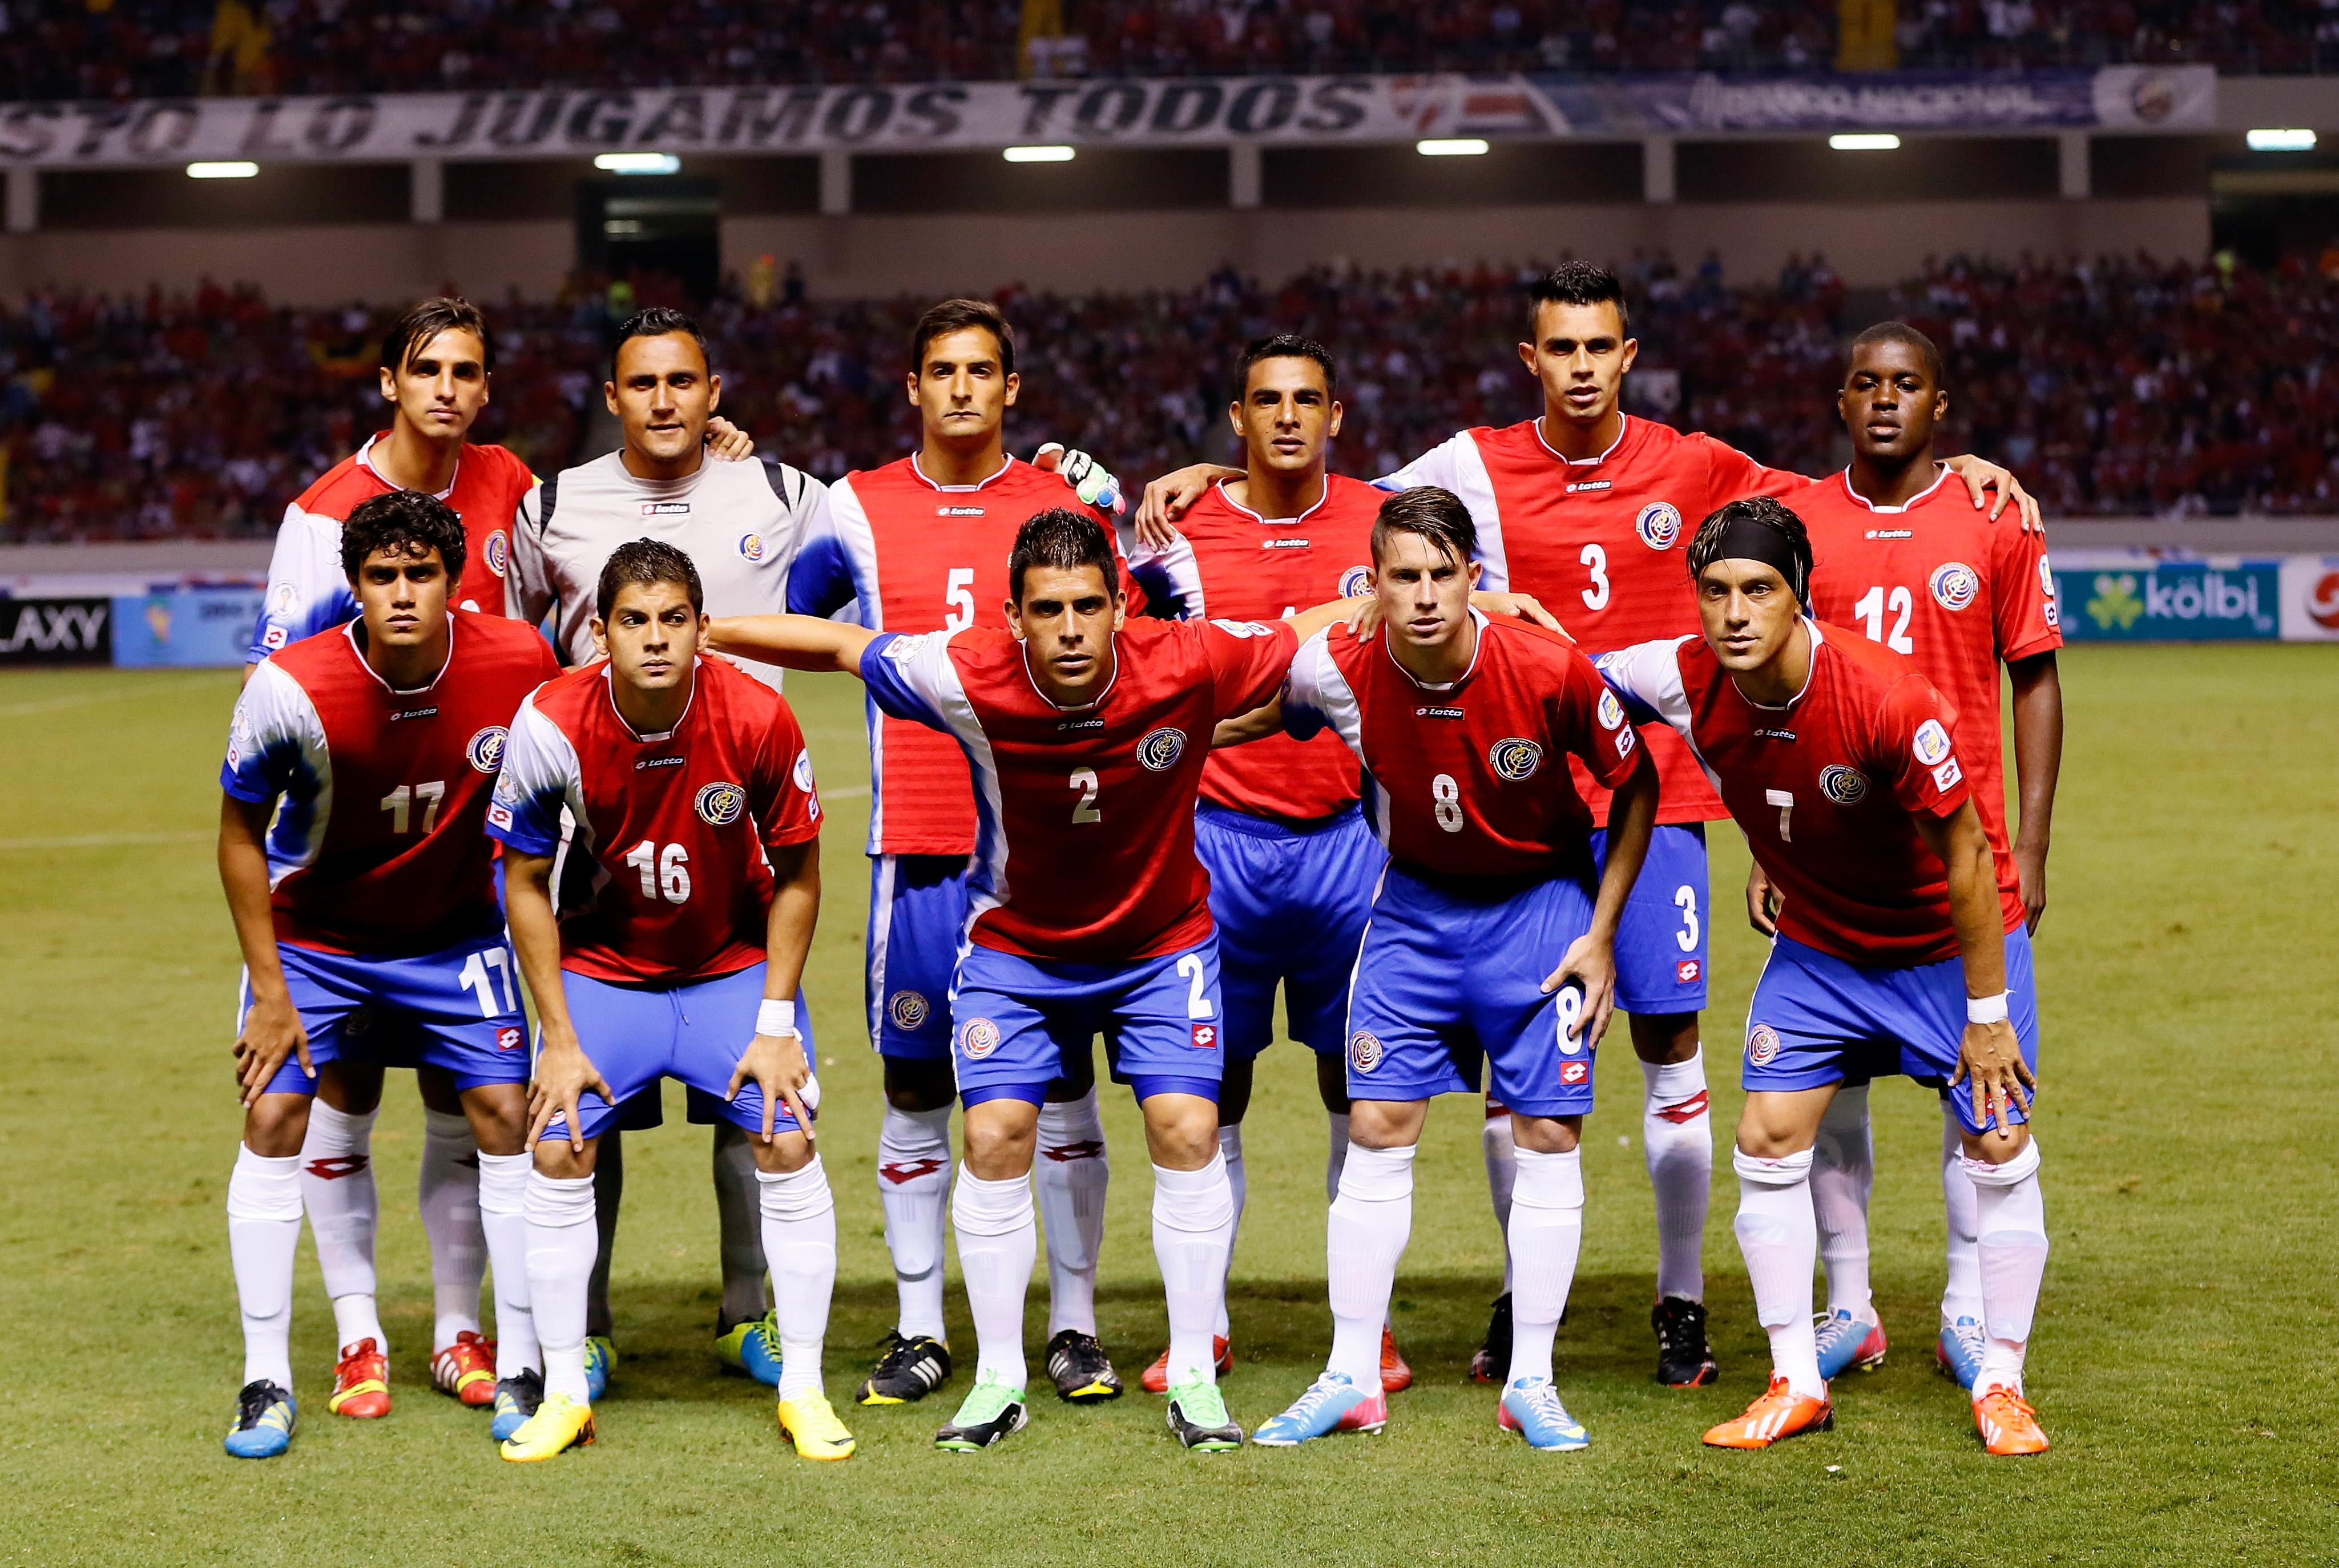 Италия - Коста-Рика: прогноз и ставки на матч ЧМ 2014 по футболу